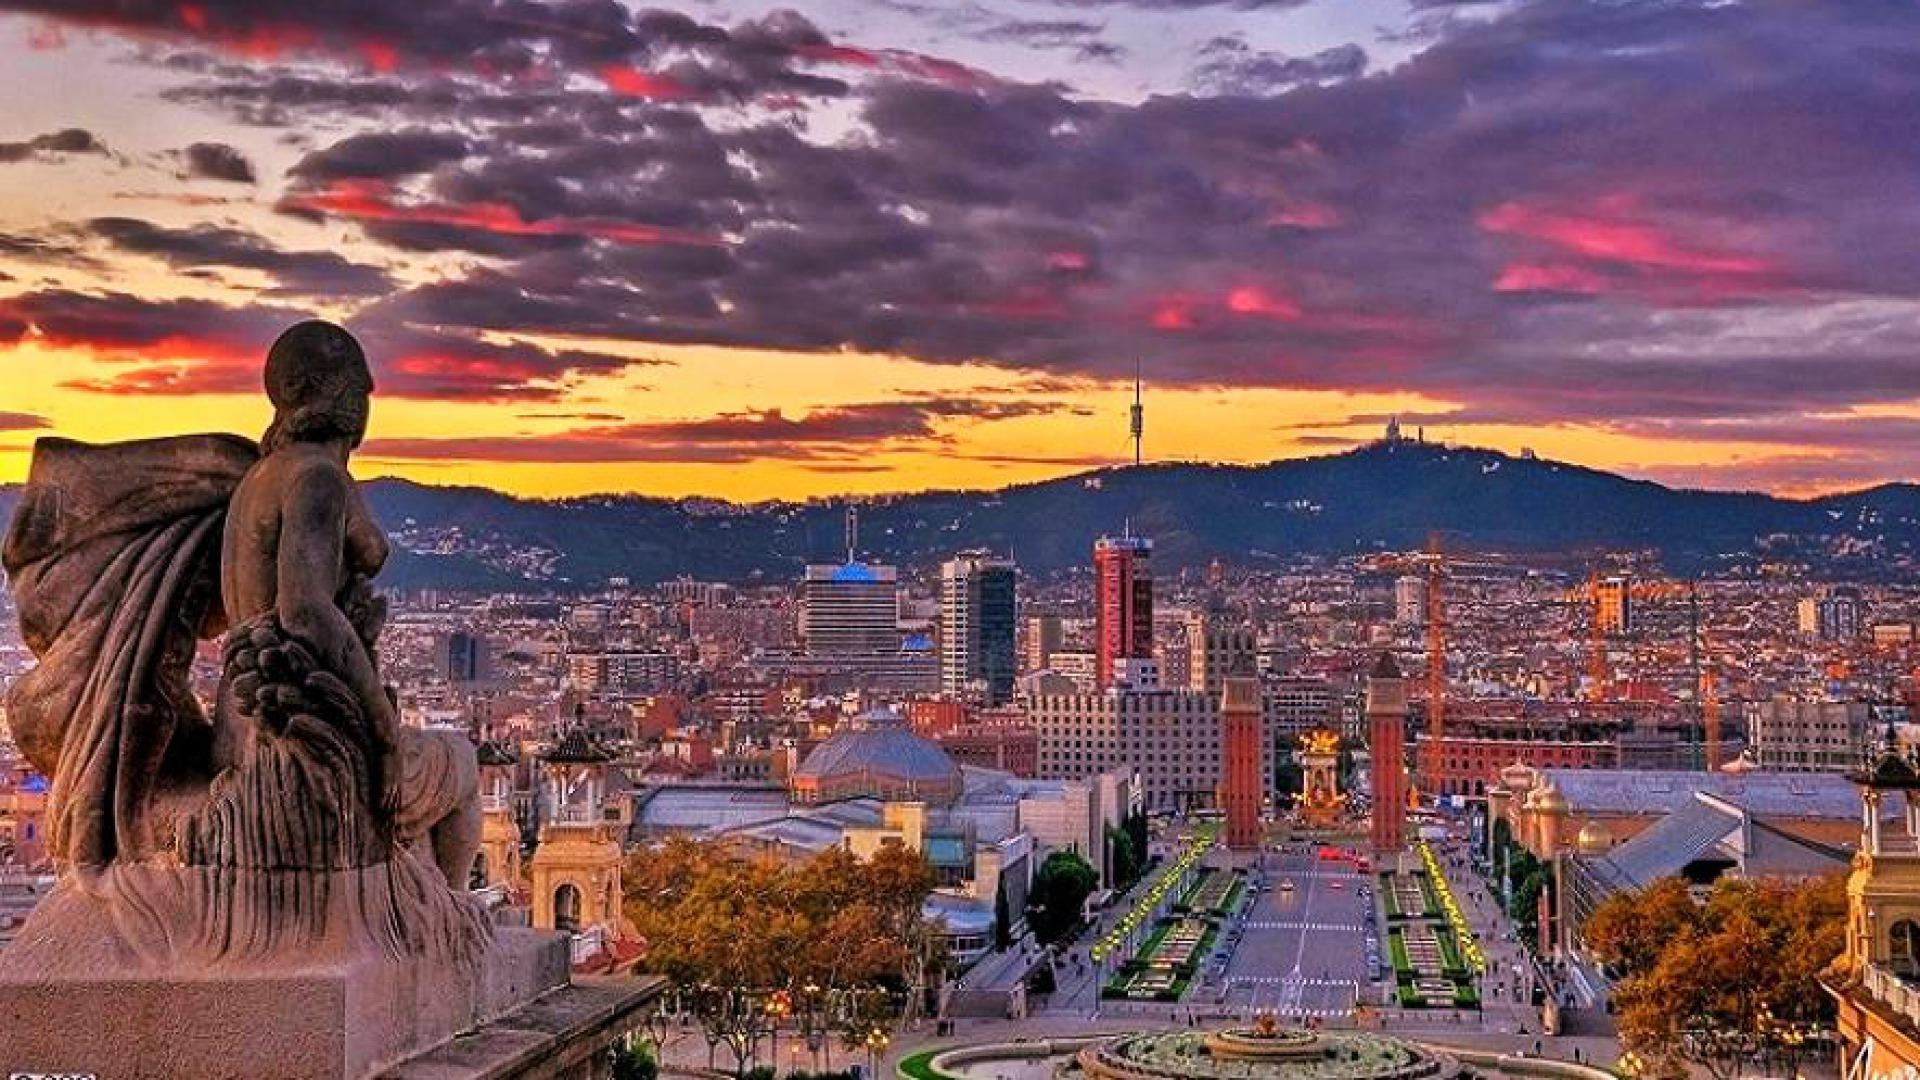 Encontrar trabajo Barcelona ahora es mas fácil debido al gran turismo